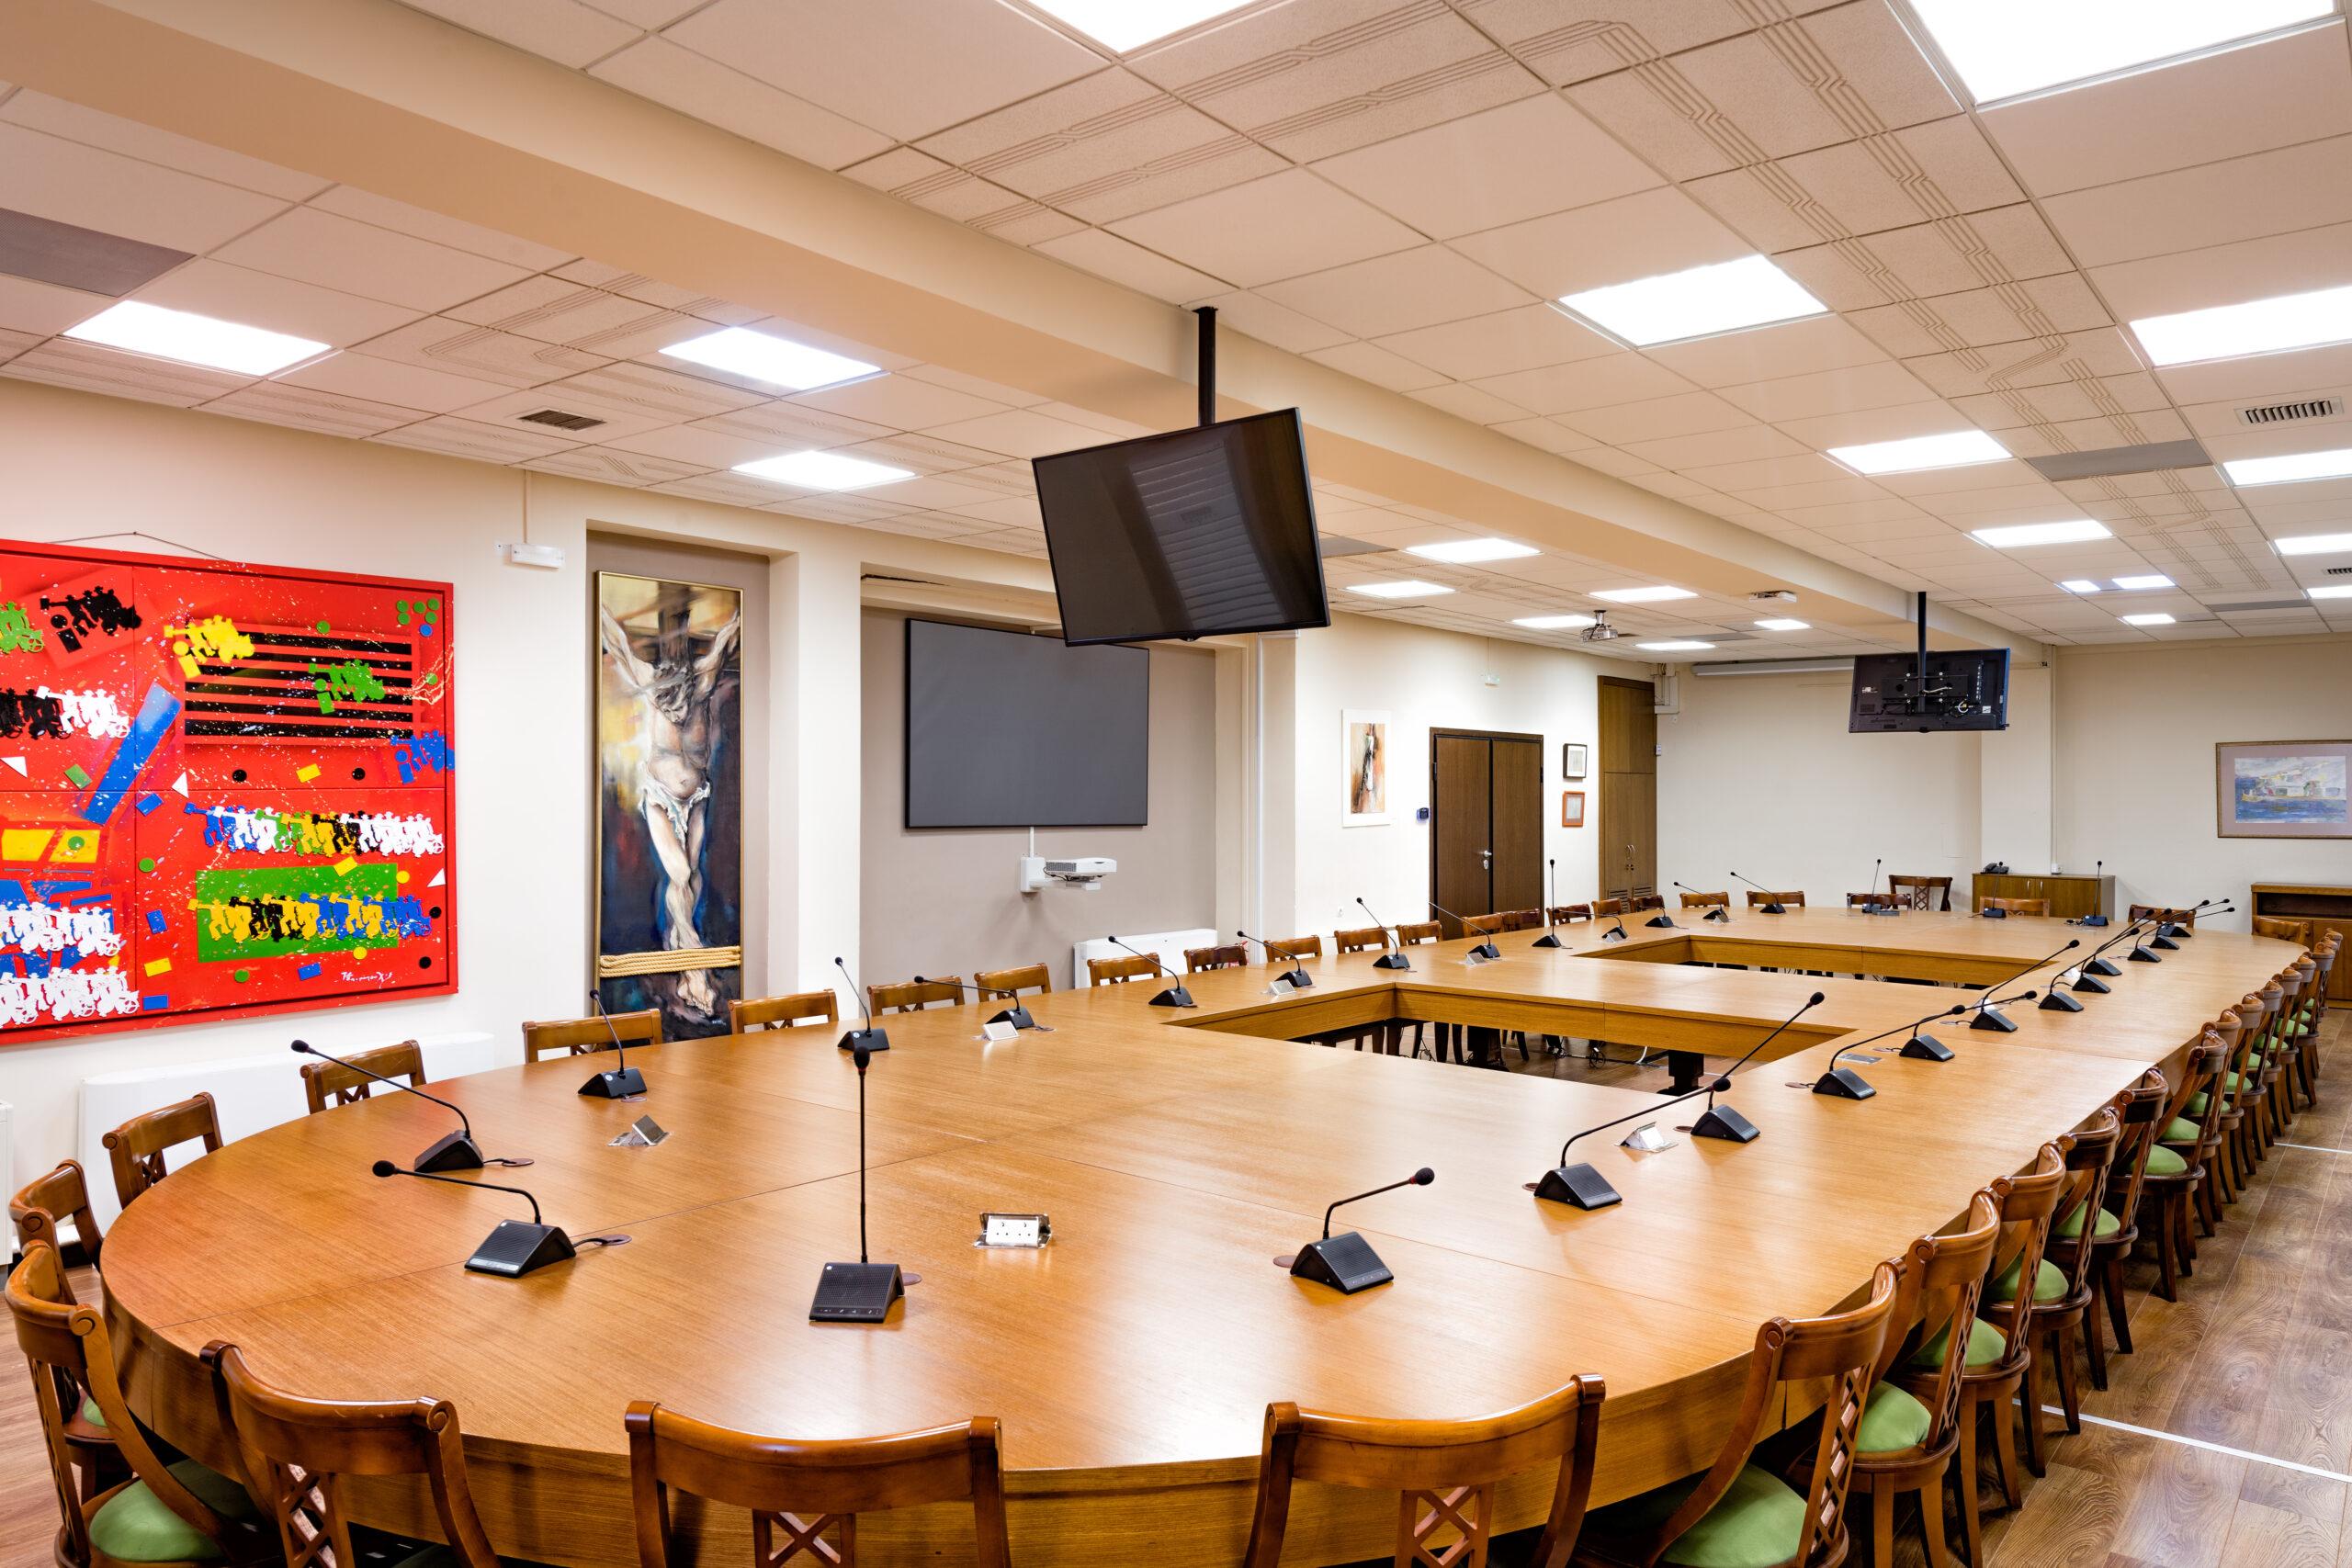 Πανεπιστήμιο Πατρών- Αίθουσα Συγκλήτου-Κτίριο Πρυτανείας